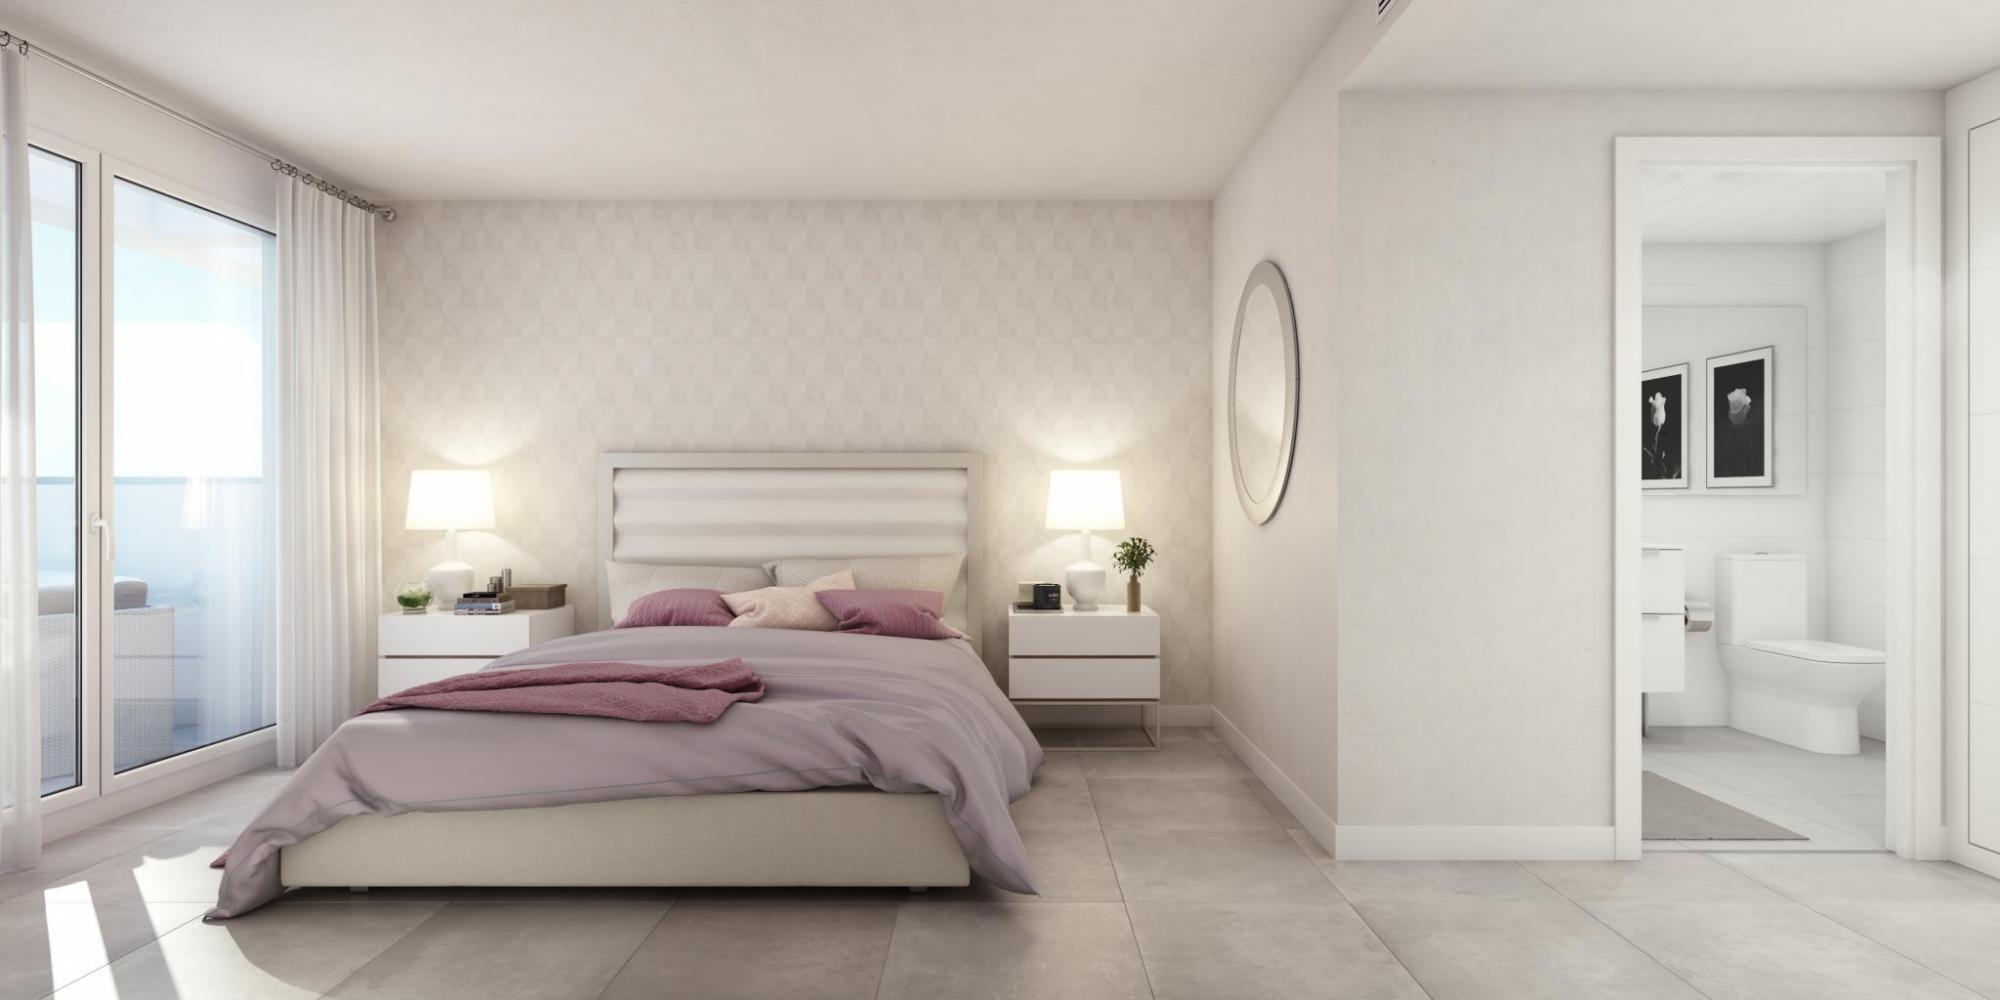 Apartment in Casares MA9776510 4